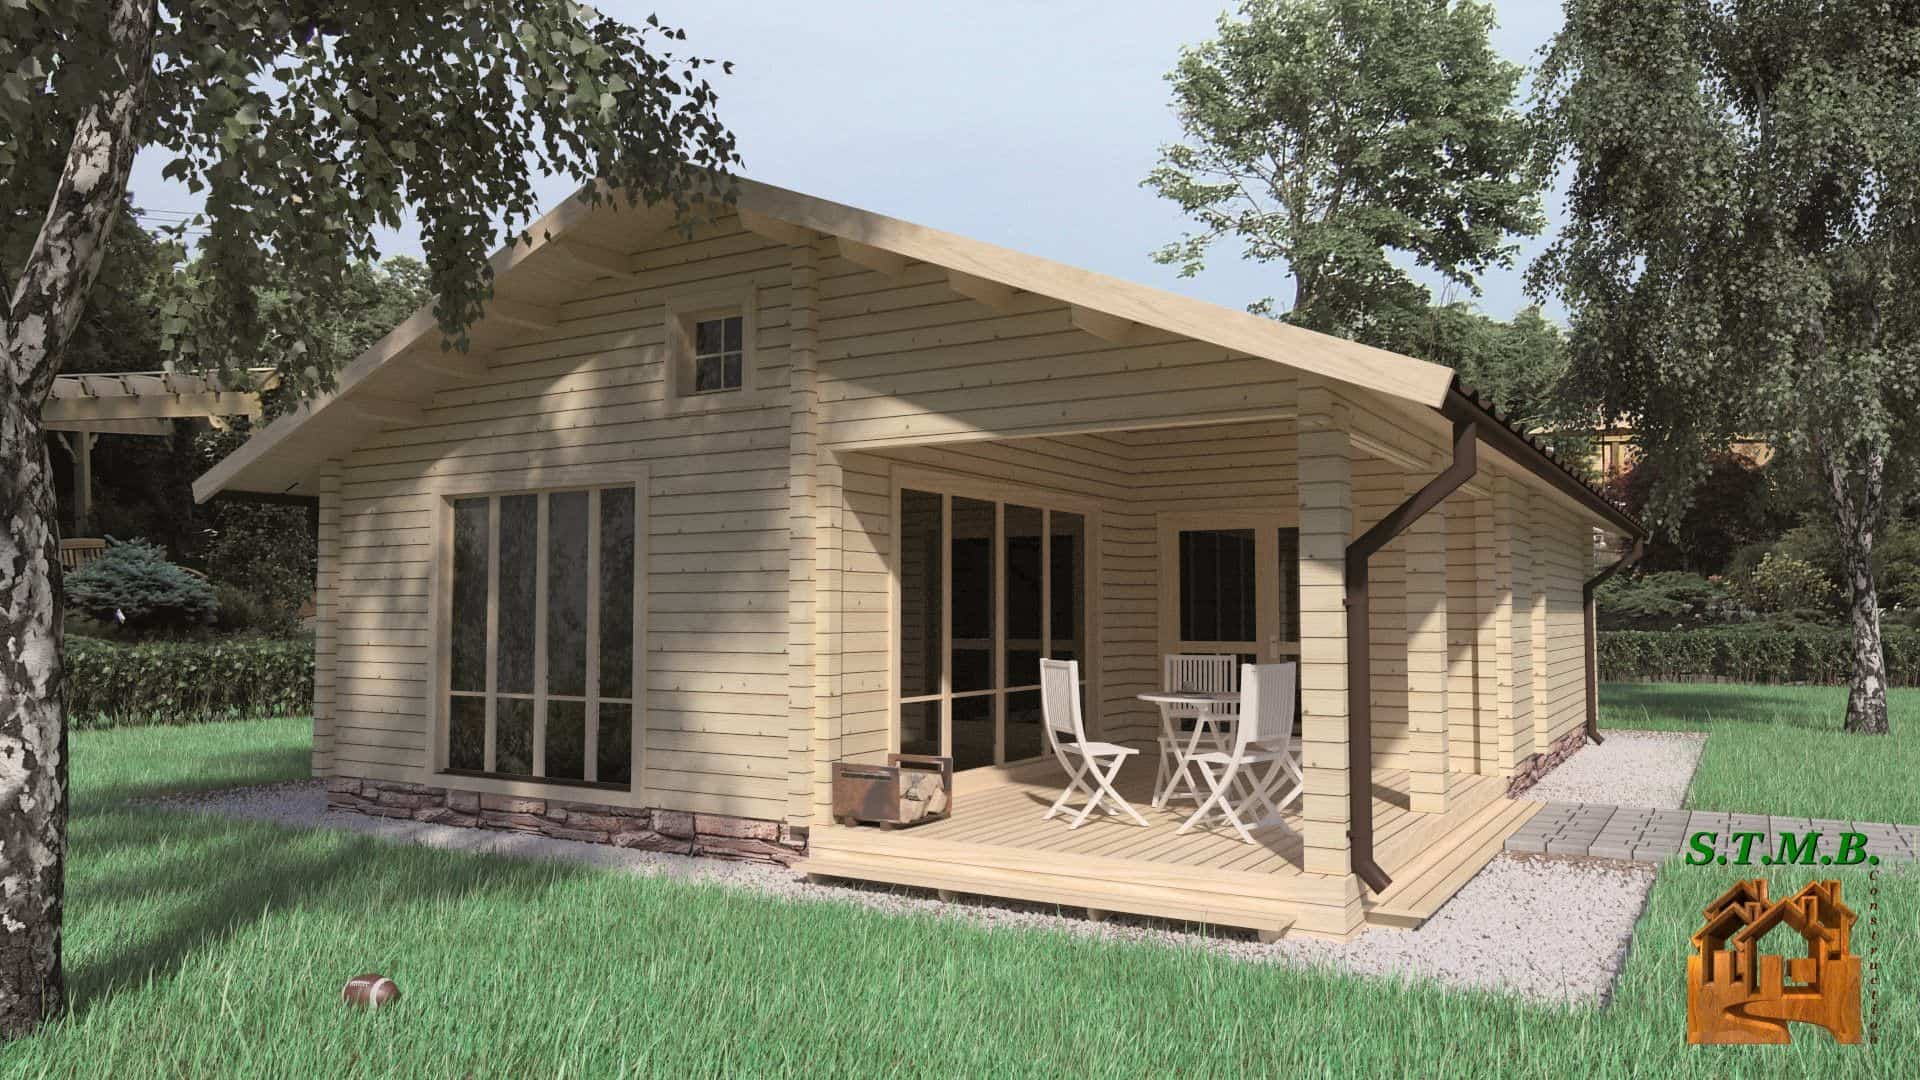 Chalet Maison Bois Kit - Le Meilleur Des Maisons Bois En Kit ... avec Chalet Habitable Pas Cher